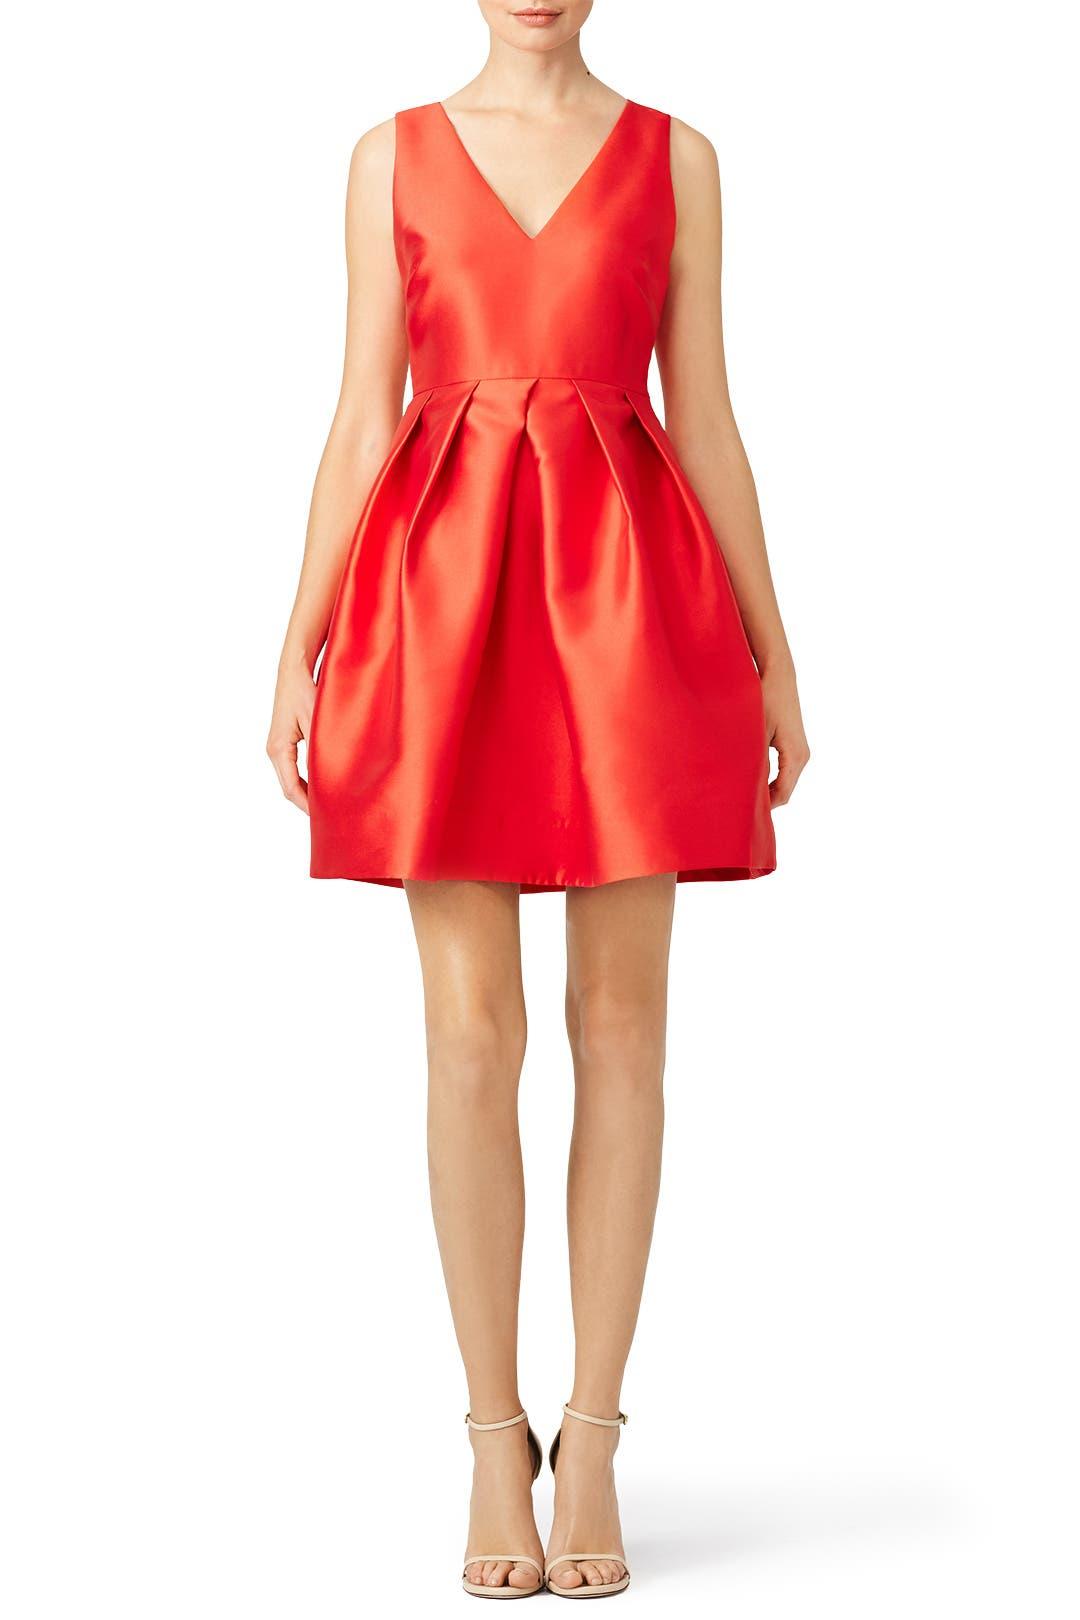 Vermillion Devon Dress By Erin Erin Fetherston For 79